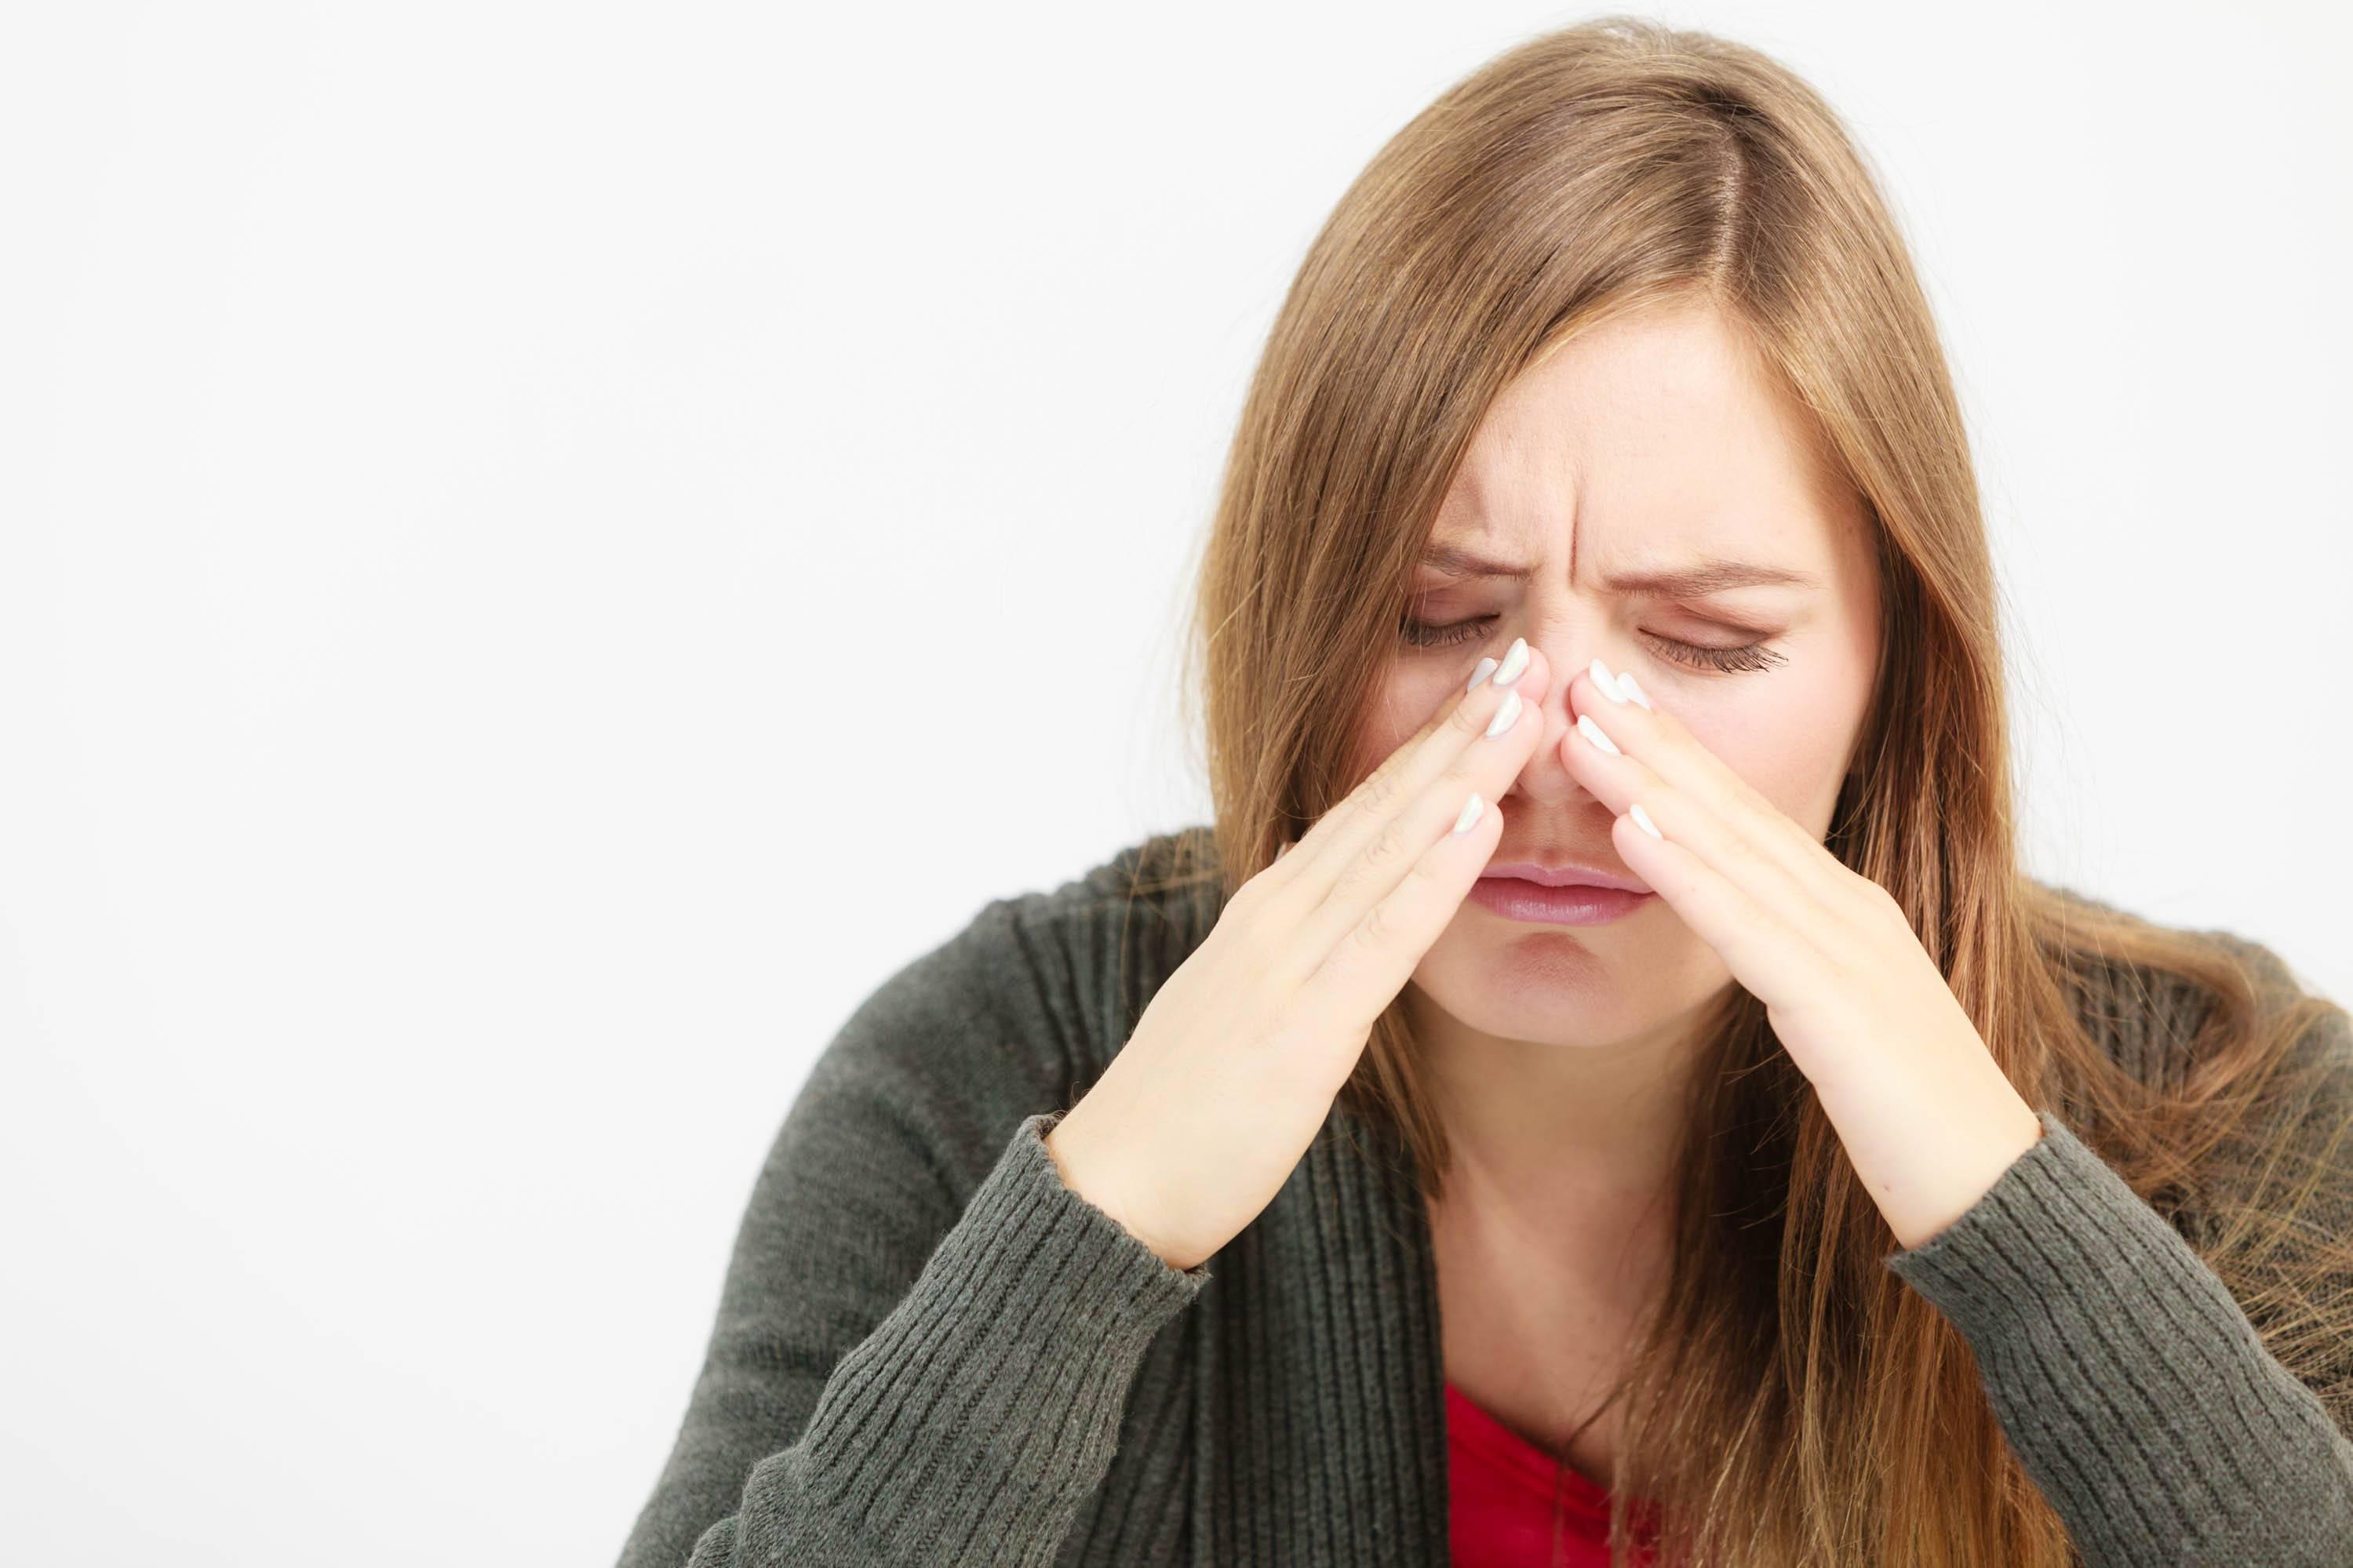 боль в ноздре носа